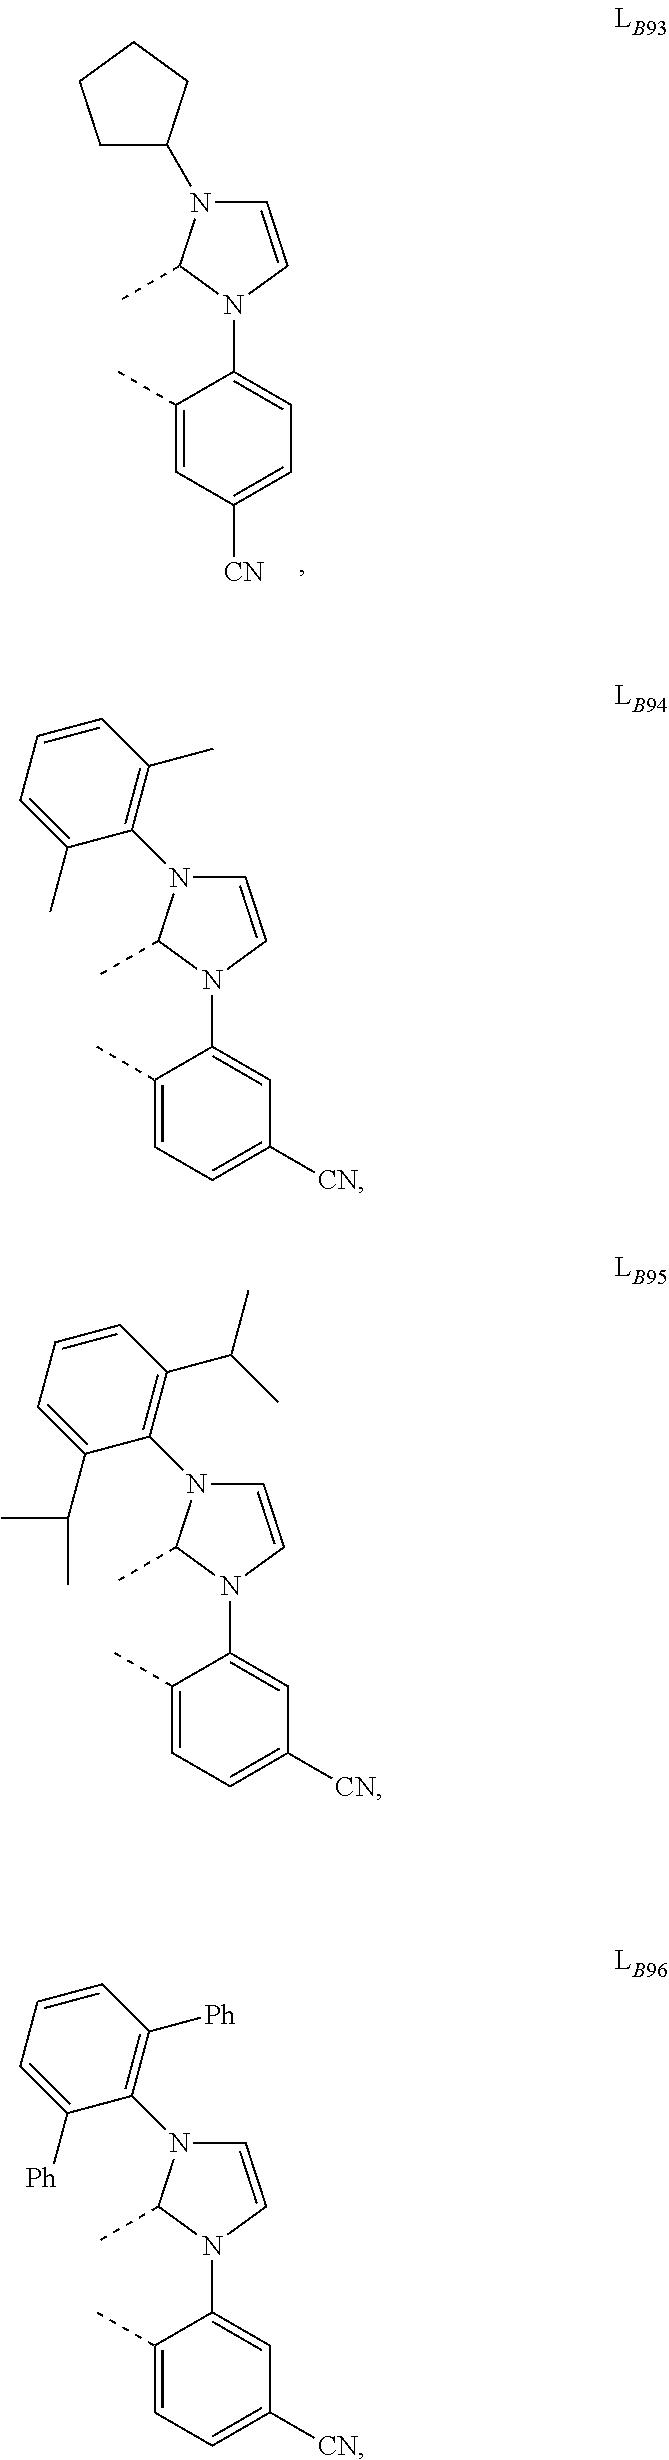 Figure US09905785-20180227-C00578